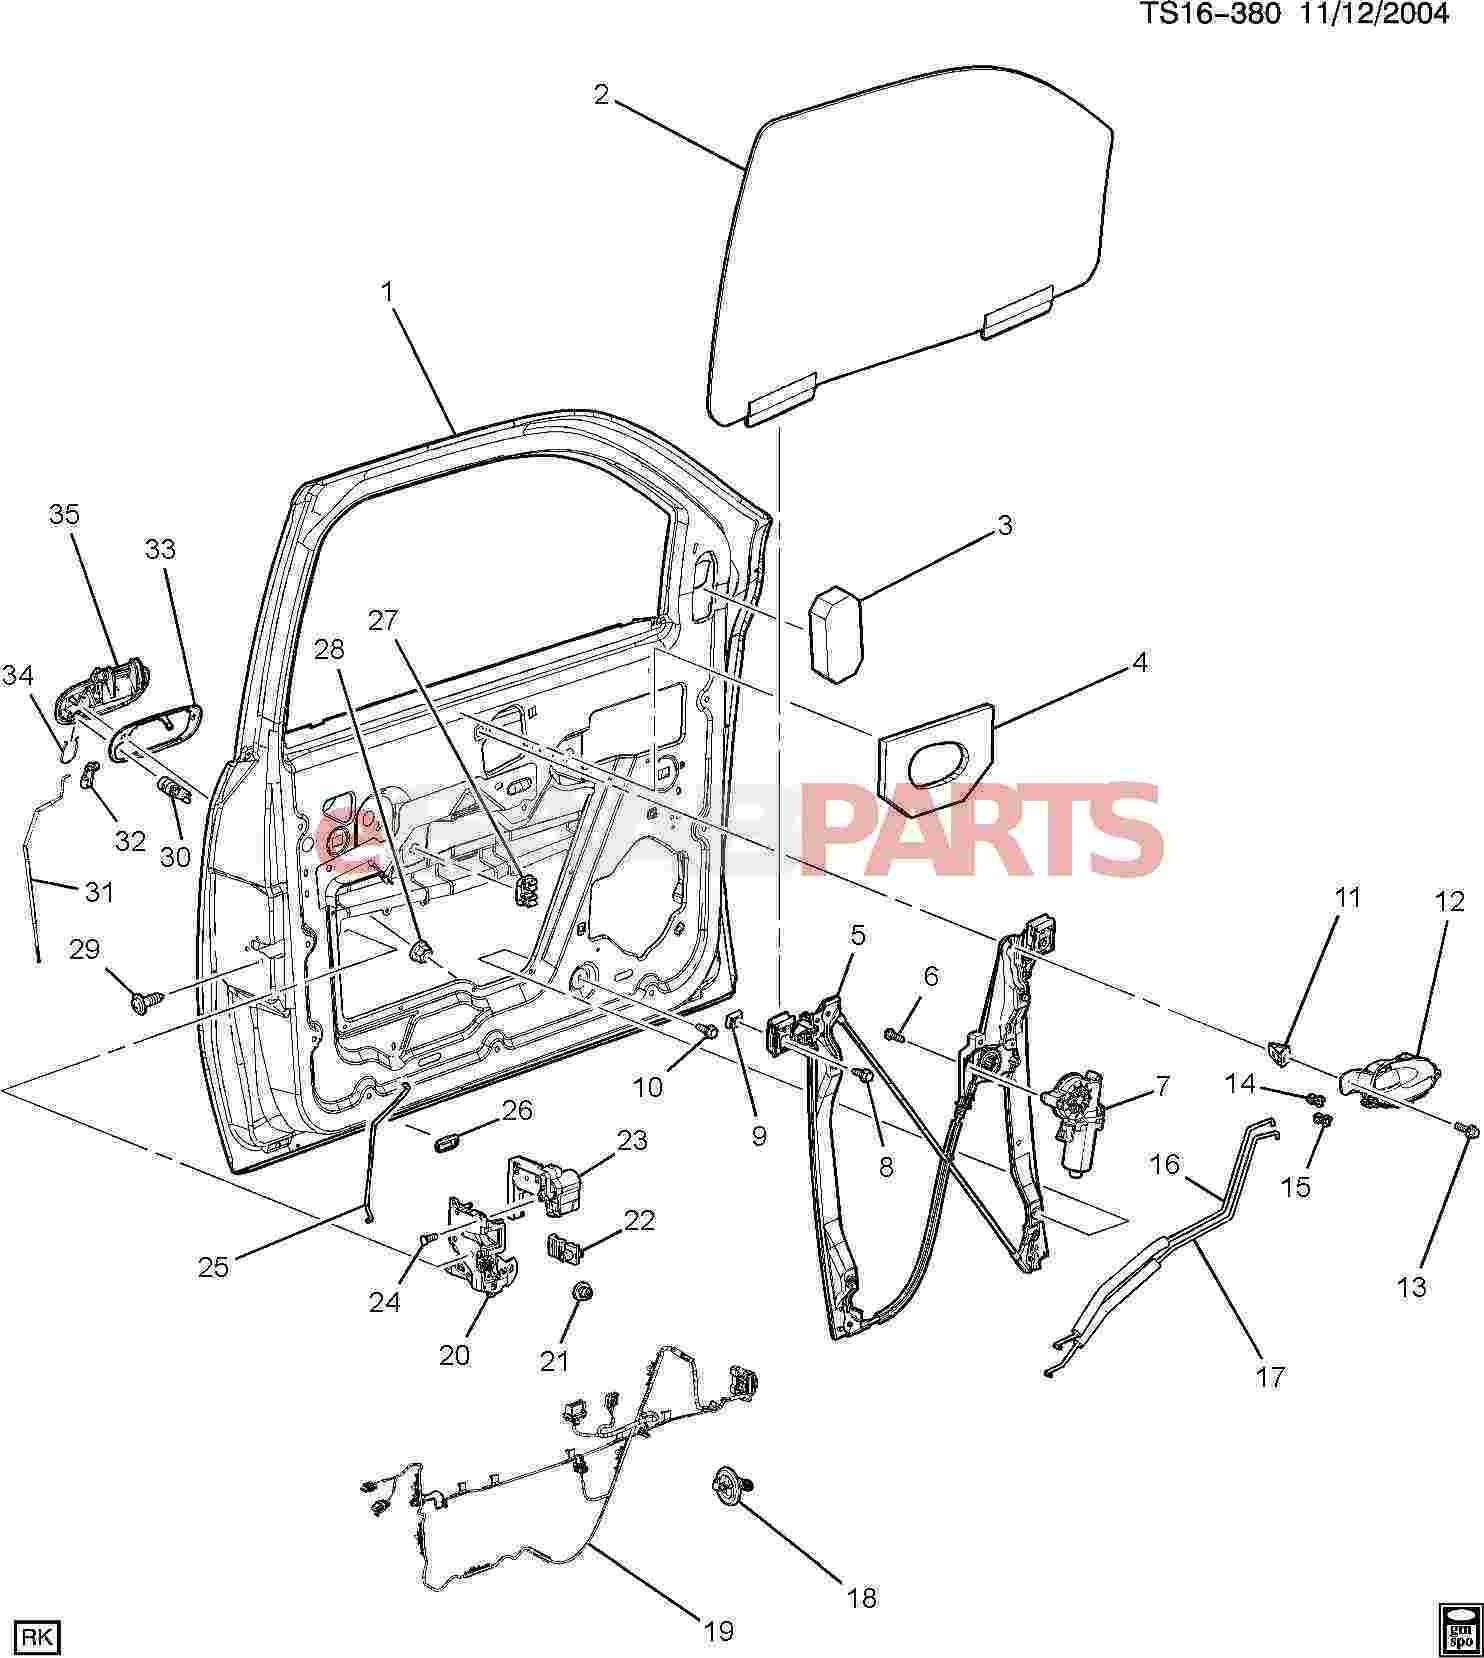 Car Body Diagram Parts ] Saab Bolt Washer M6x1x15 5 75 Thd 17 Od 8 8 Gmw3359 Of Car Body Diagram Parts